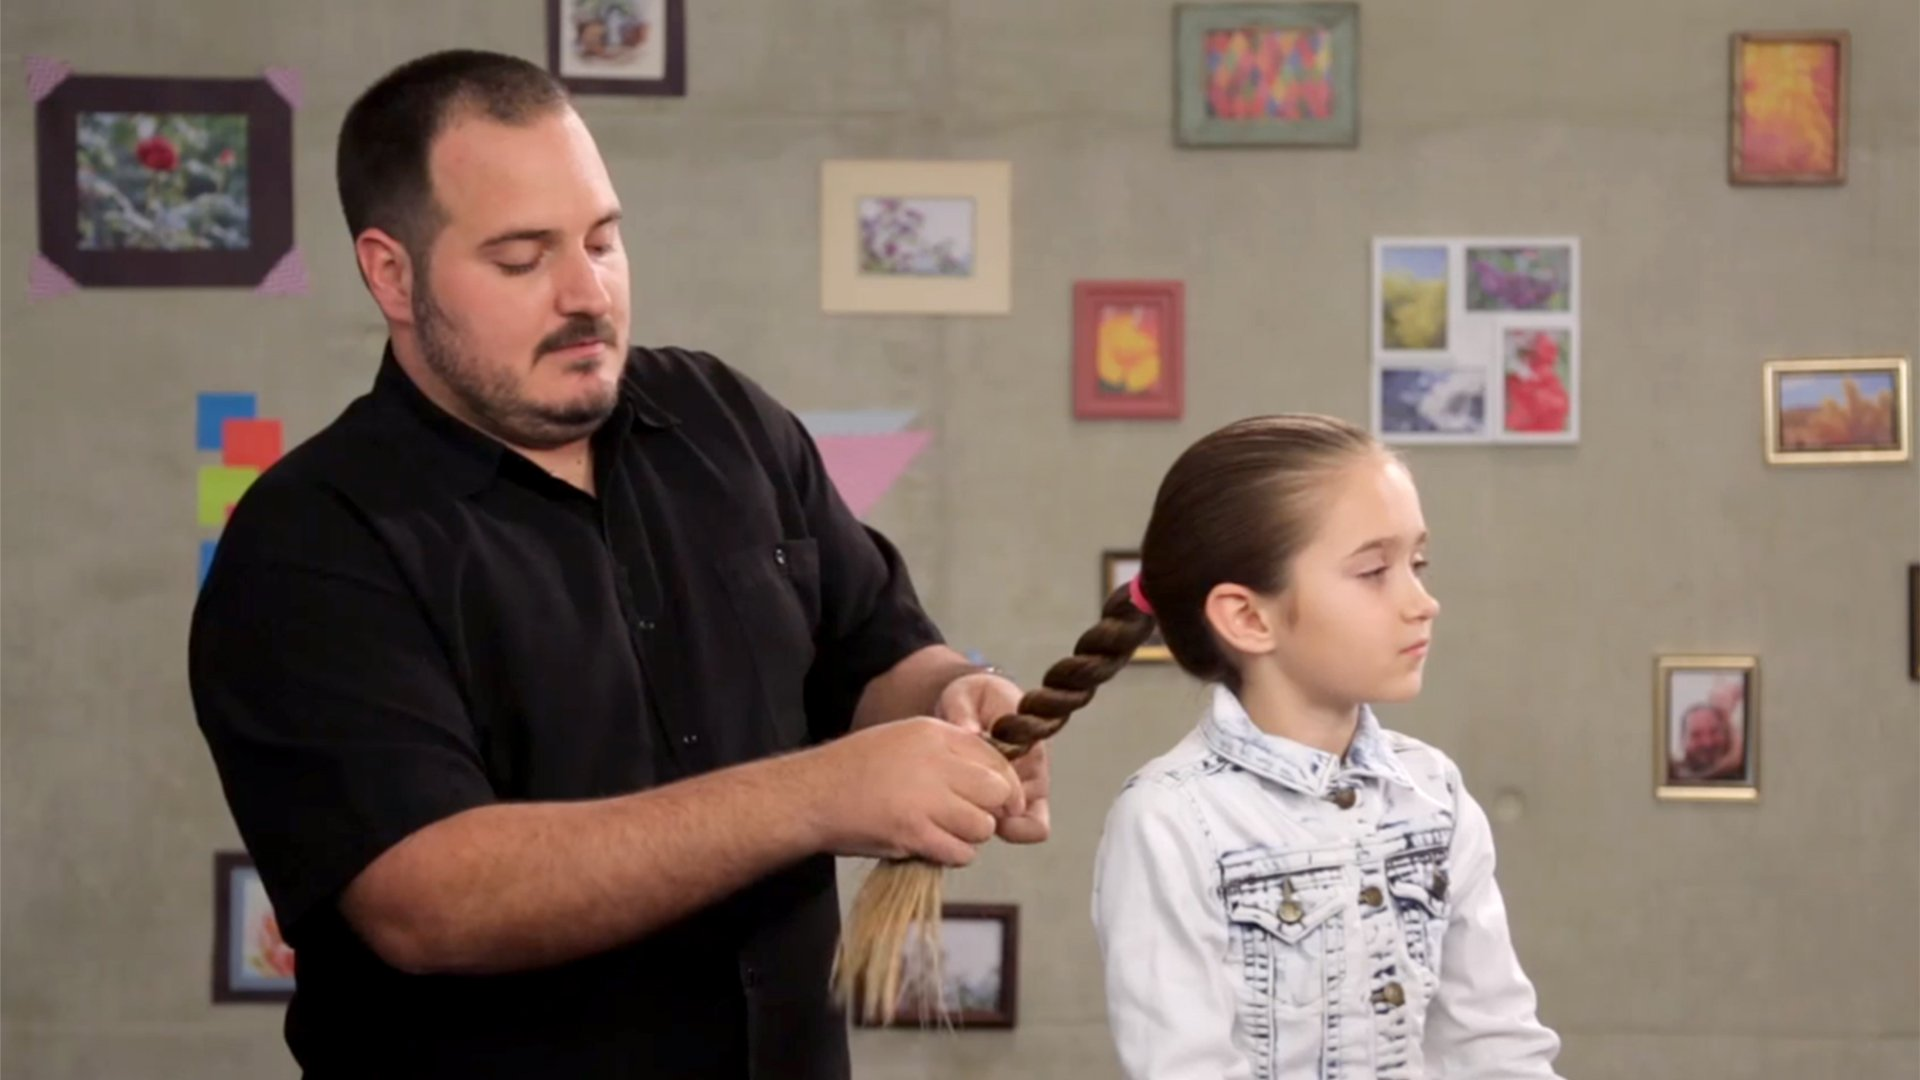 Flechtwettbewerb für Väter begeistert das Internet